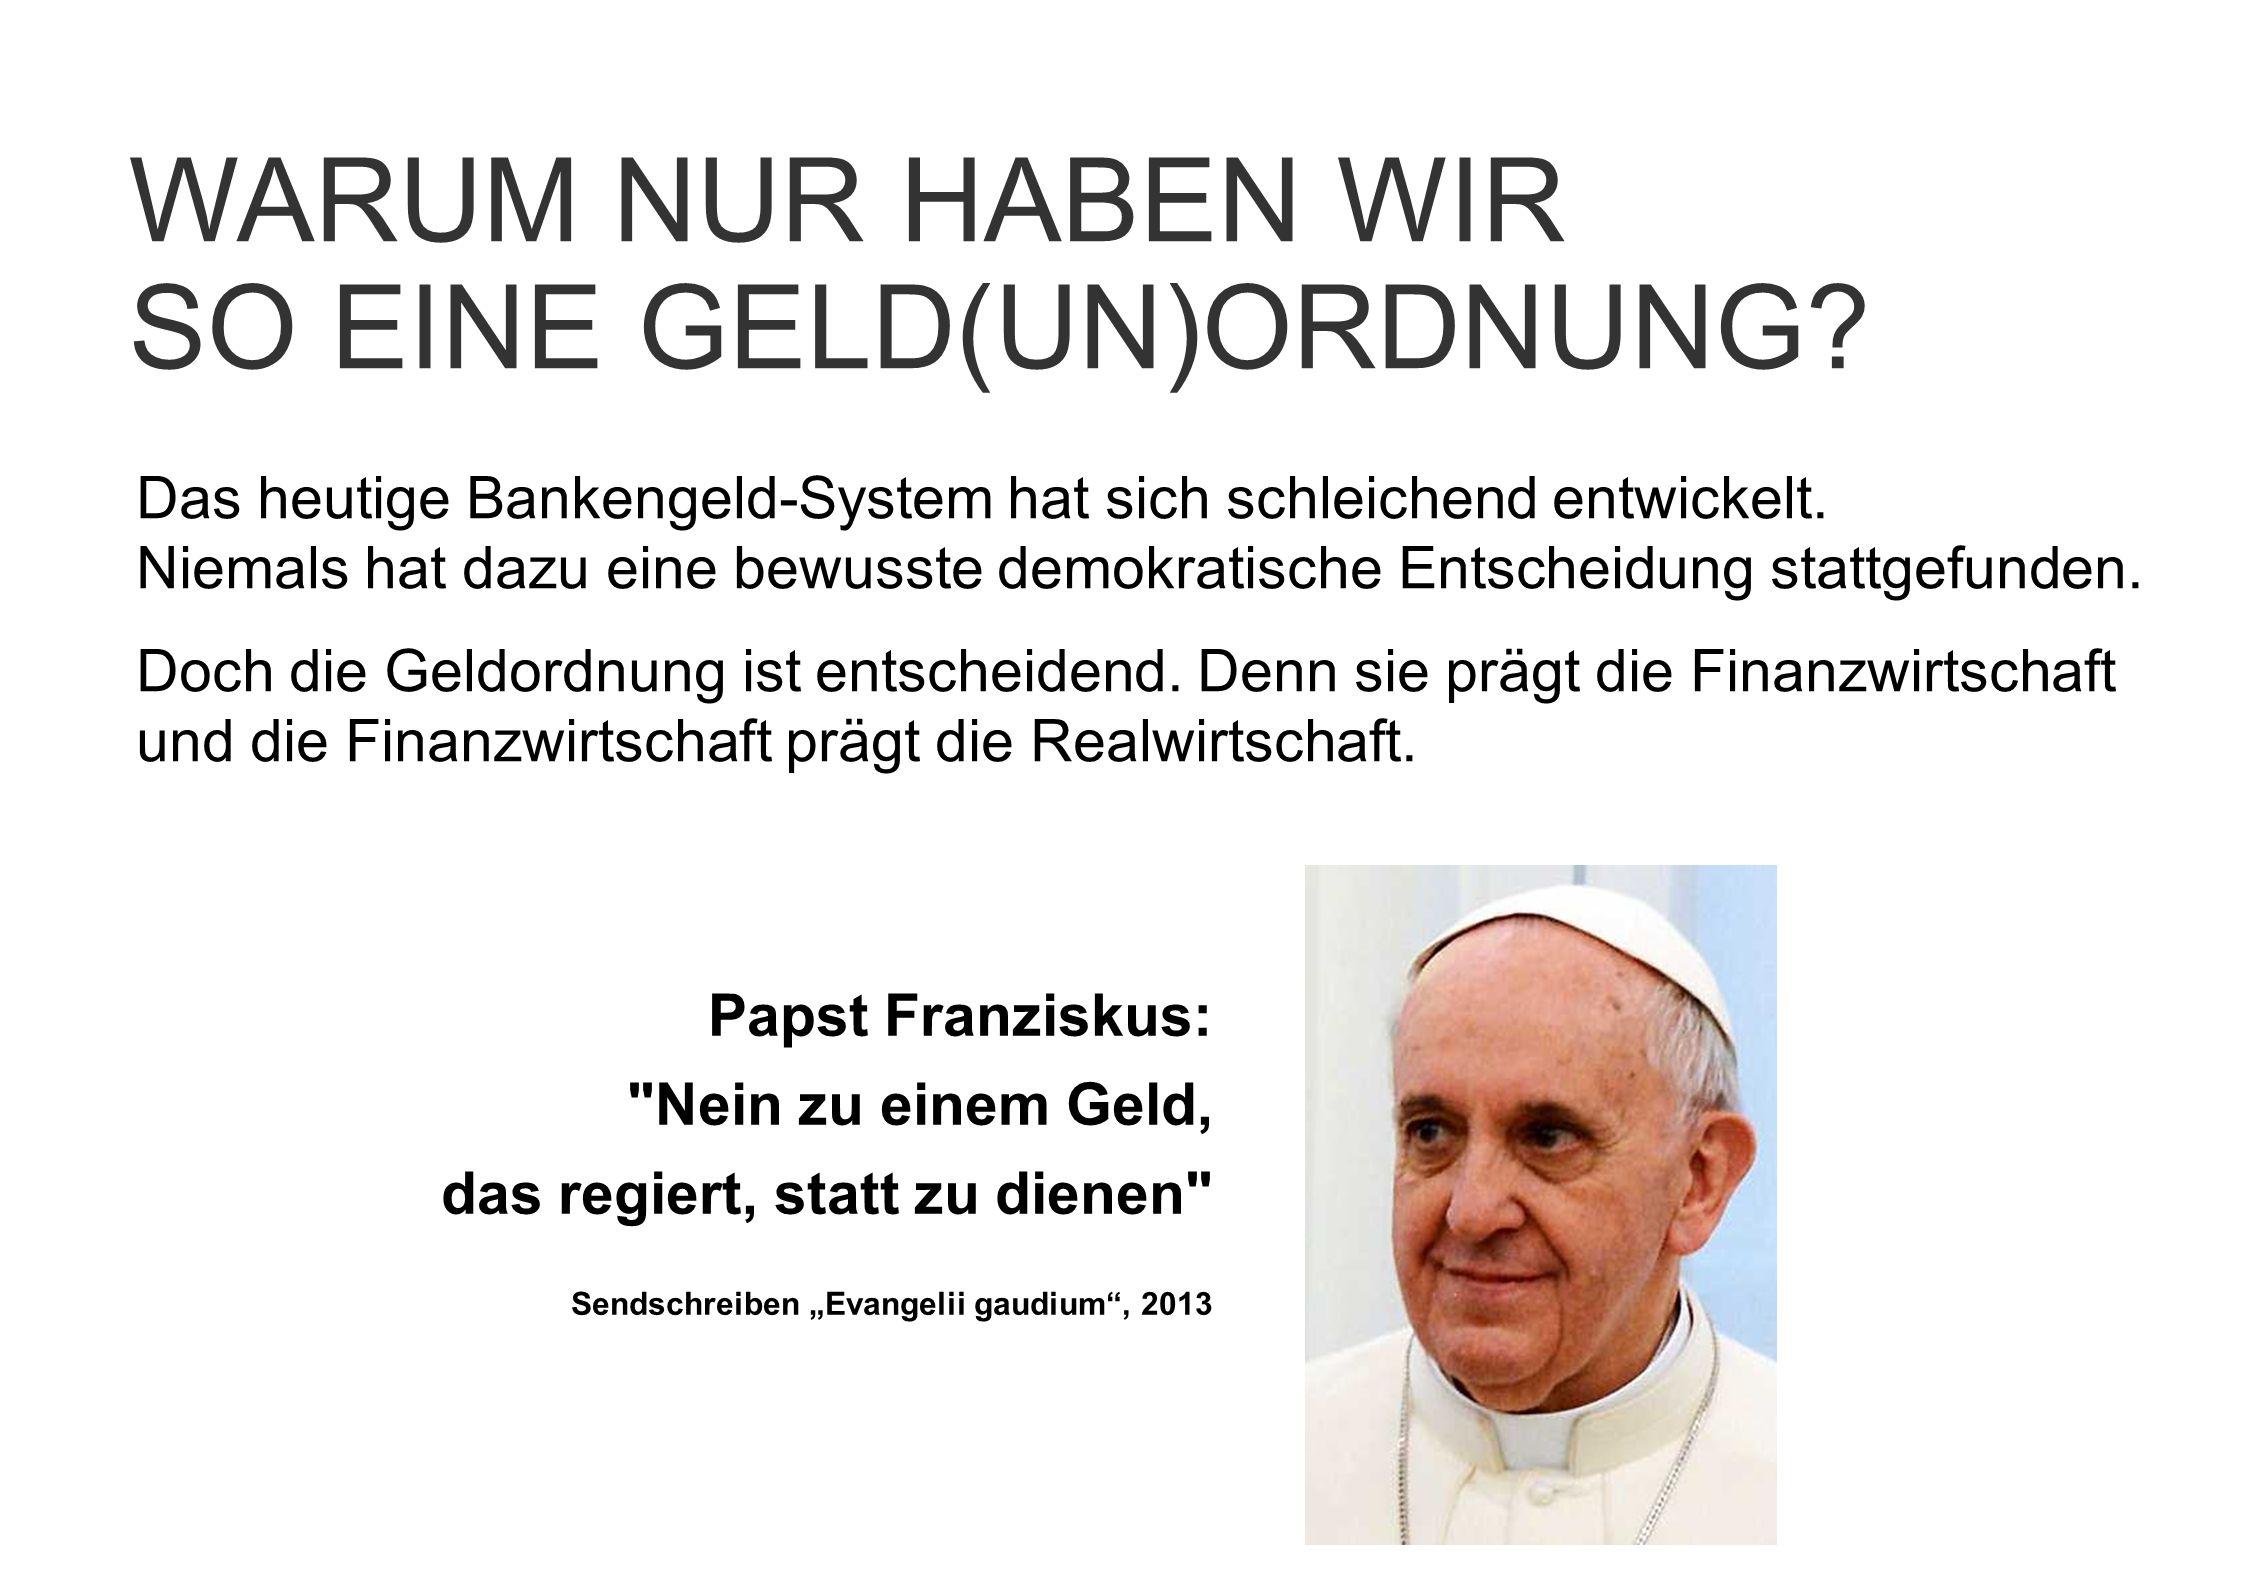 Das heutige Bankengeld-System hat sich schleichend entwickelt. Niemals hat dazu eine bewusste demokratische Entscheidung stattgefunden. Doch die Geldo